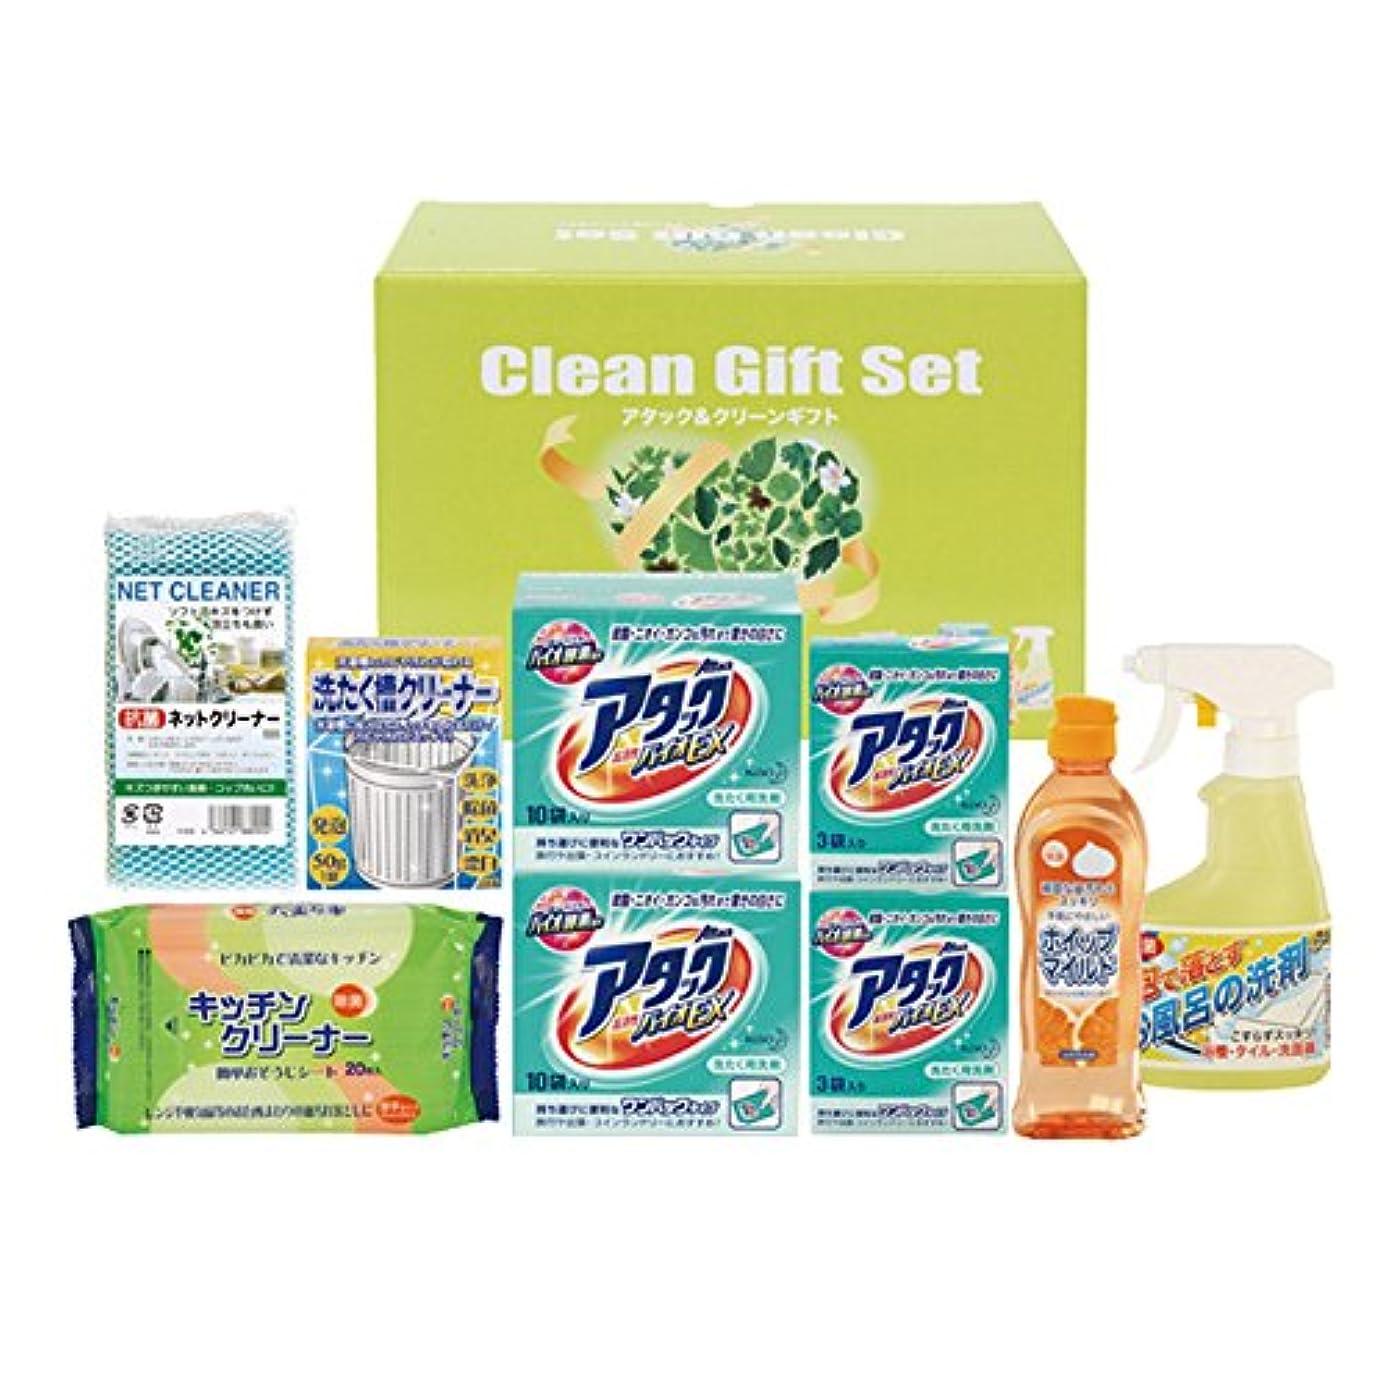 ポジション適用するグラディス花王 アタック 洗濯 洗剤 &クリーン 贈答 ギフト 9点セット KAG-30 6368